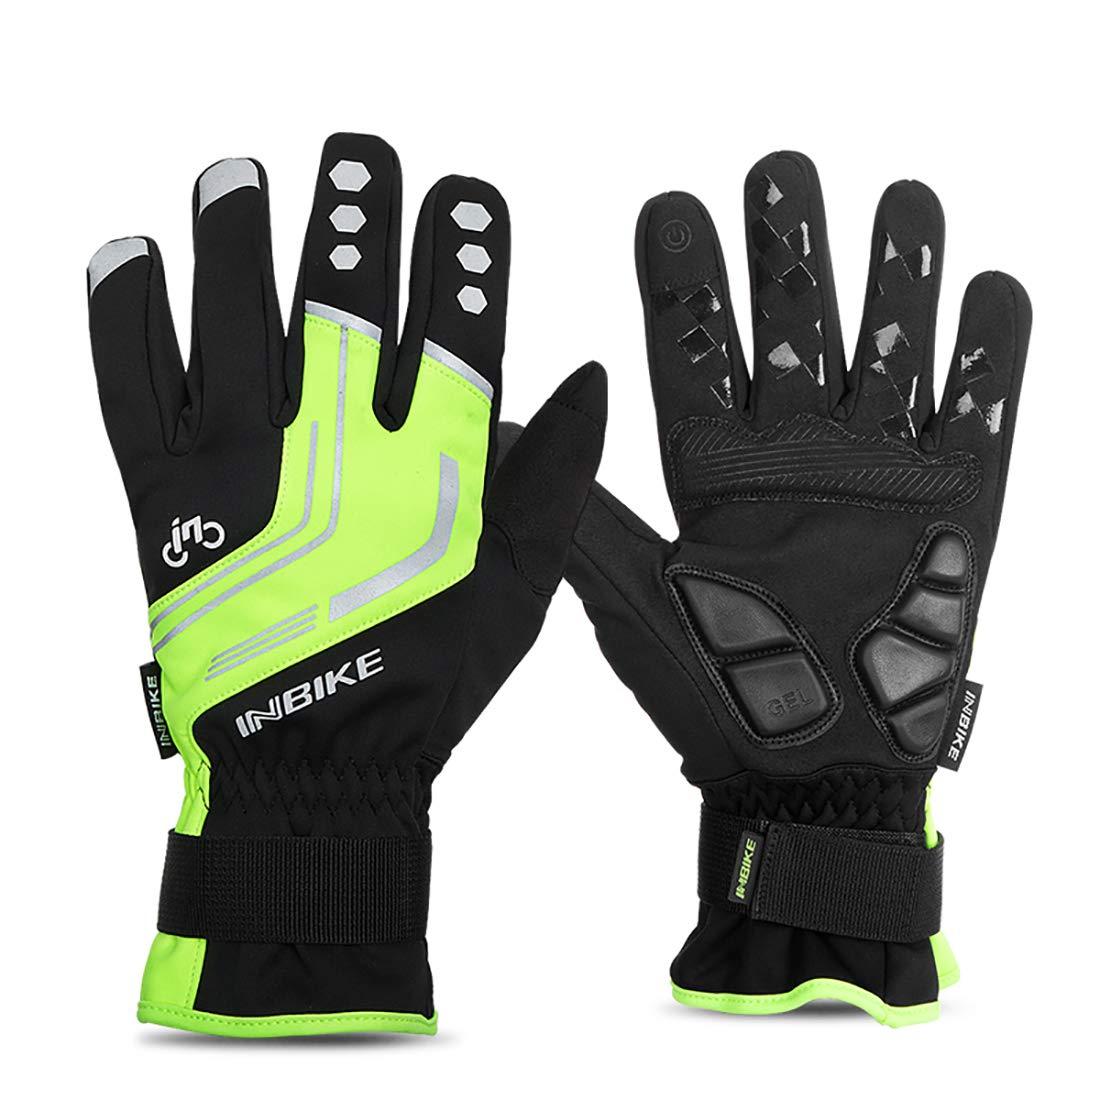 Surface MAX Fahrradhandschuhe, Touchscreen, Mountainbike, Vollfingerhandschuhe, Eva-Handballenauflage, Touchscreen-Handschuhe für Männer und Frauen, Fahrradausrüstung, mehrere Optionen